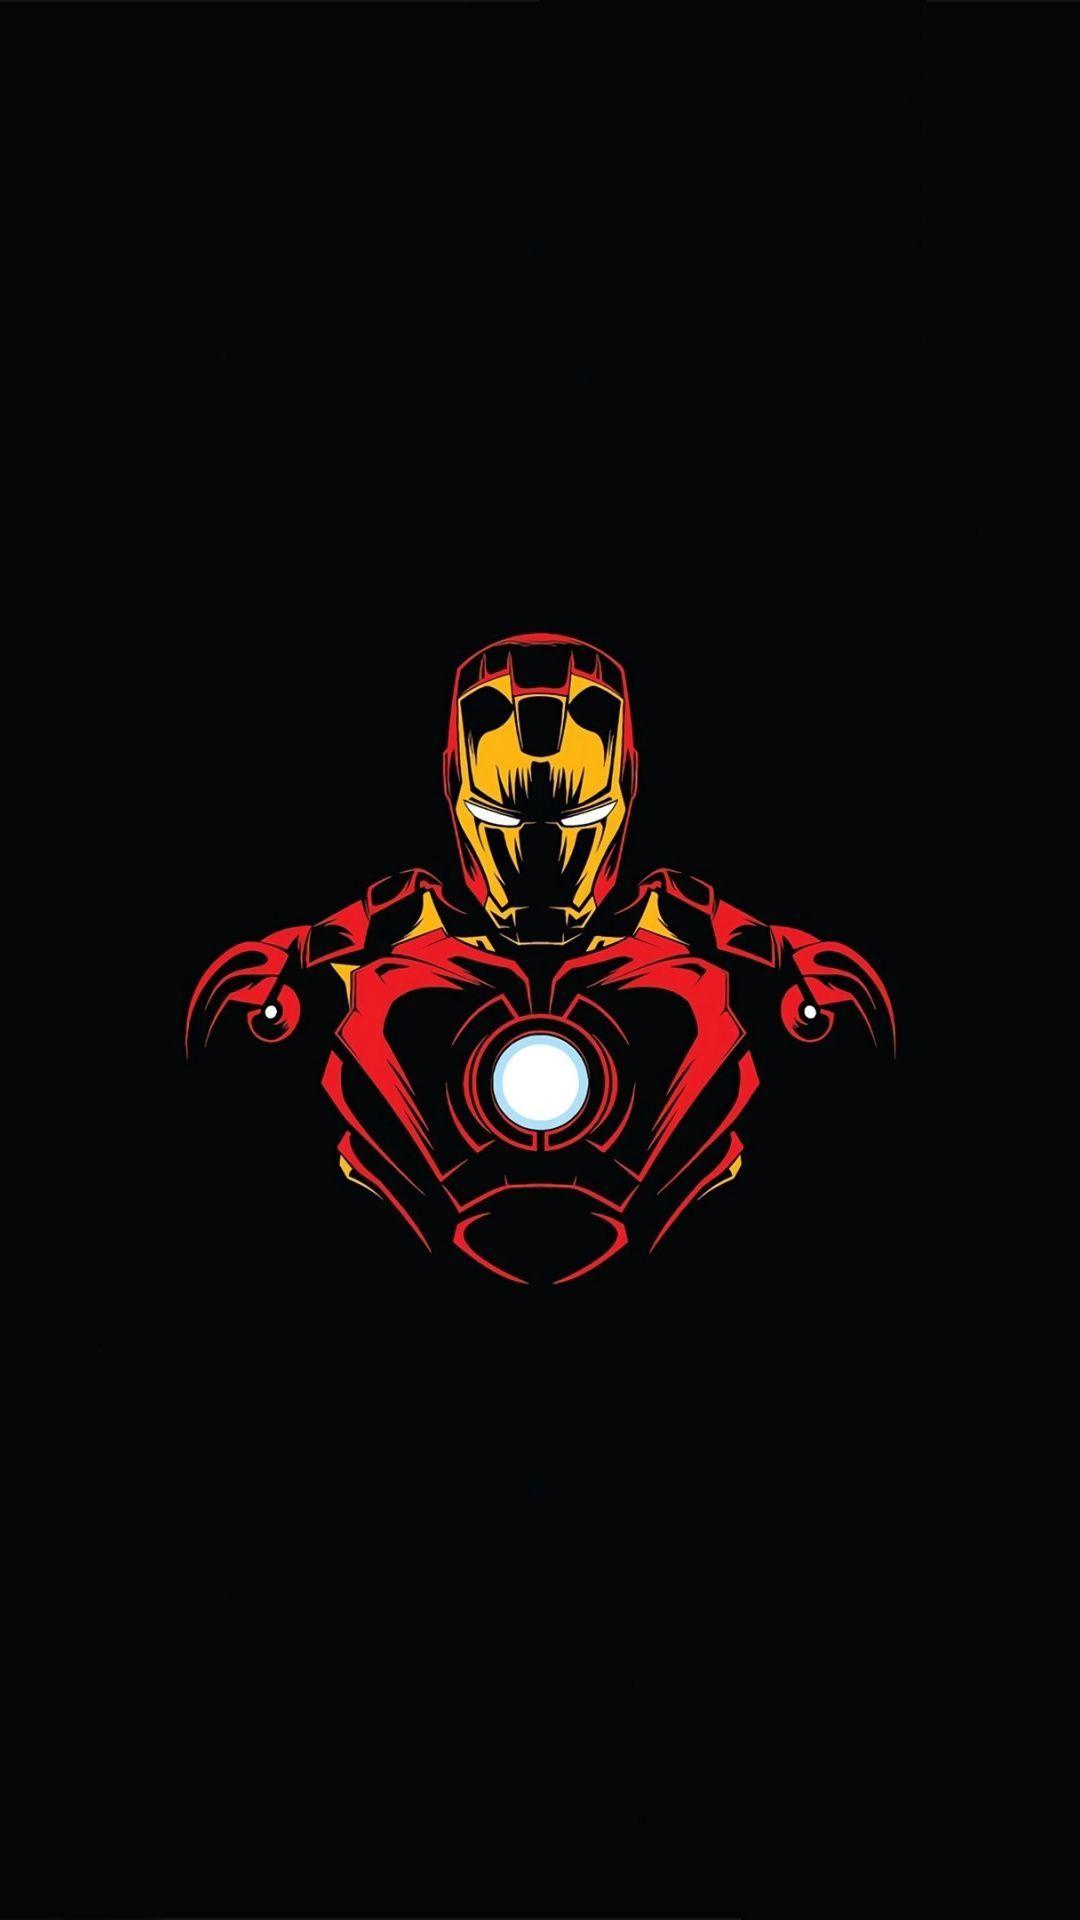 1080x1920 Marvel Hero Iron Man Minimalist Wallpaper Iron Man Art Iron Man Hd Wallpaper Marvel Wallpaper Hd